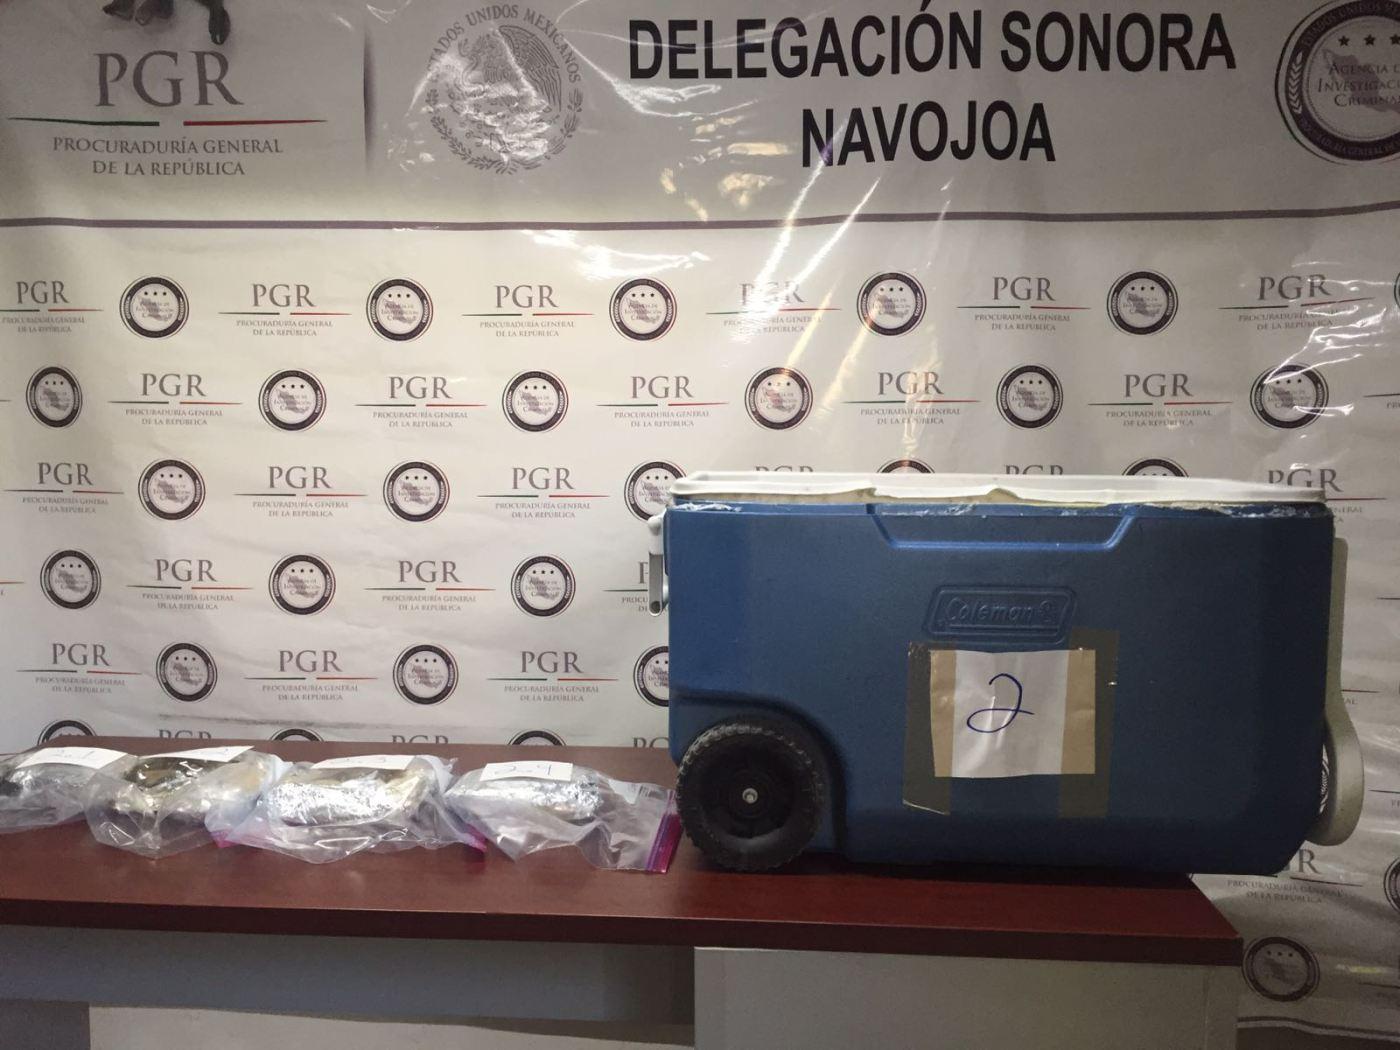 Hielera y pastillas aseguradas en Navojoa sonora